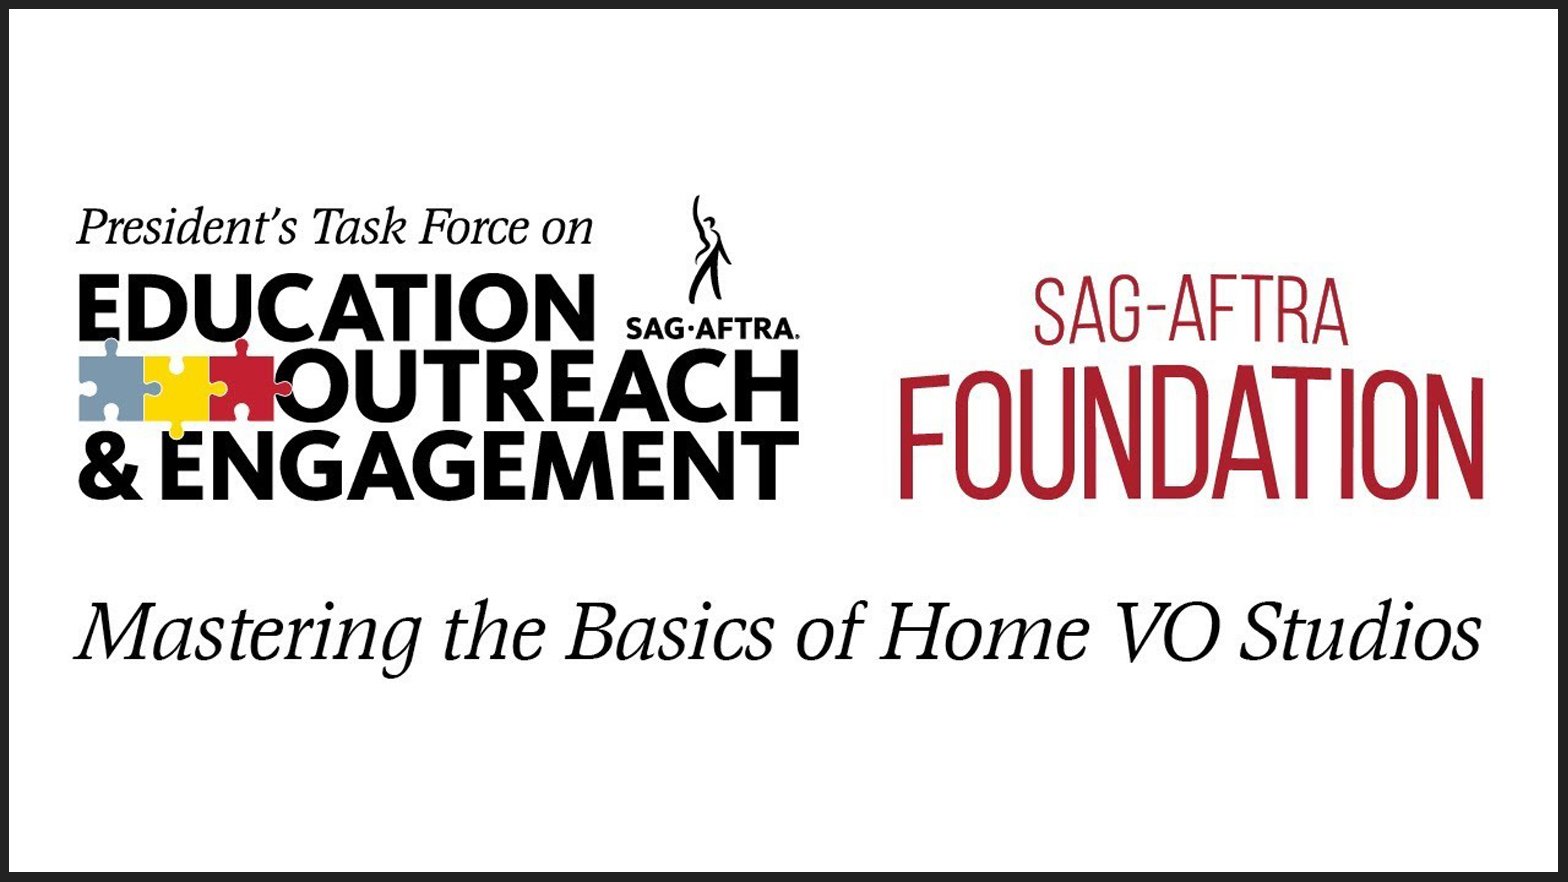 """Logotipo de PTEOE a la izquierda con el logotipo de la Fundación SAG-AFTRA en el primero con """"Mastering the Basics of Home VO Studios"""" en la parte inferior en cursiva"""